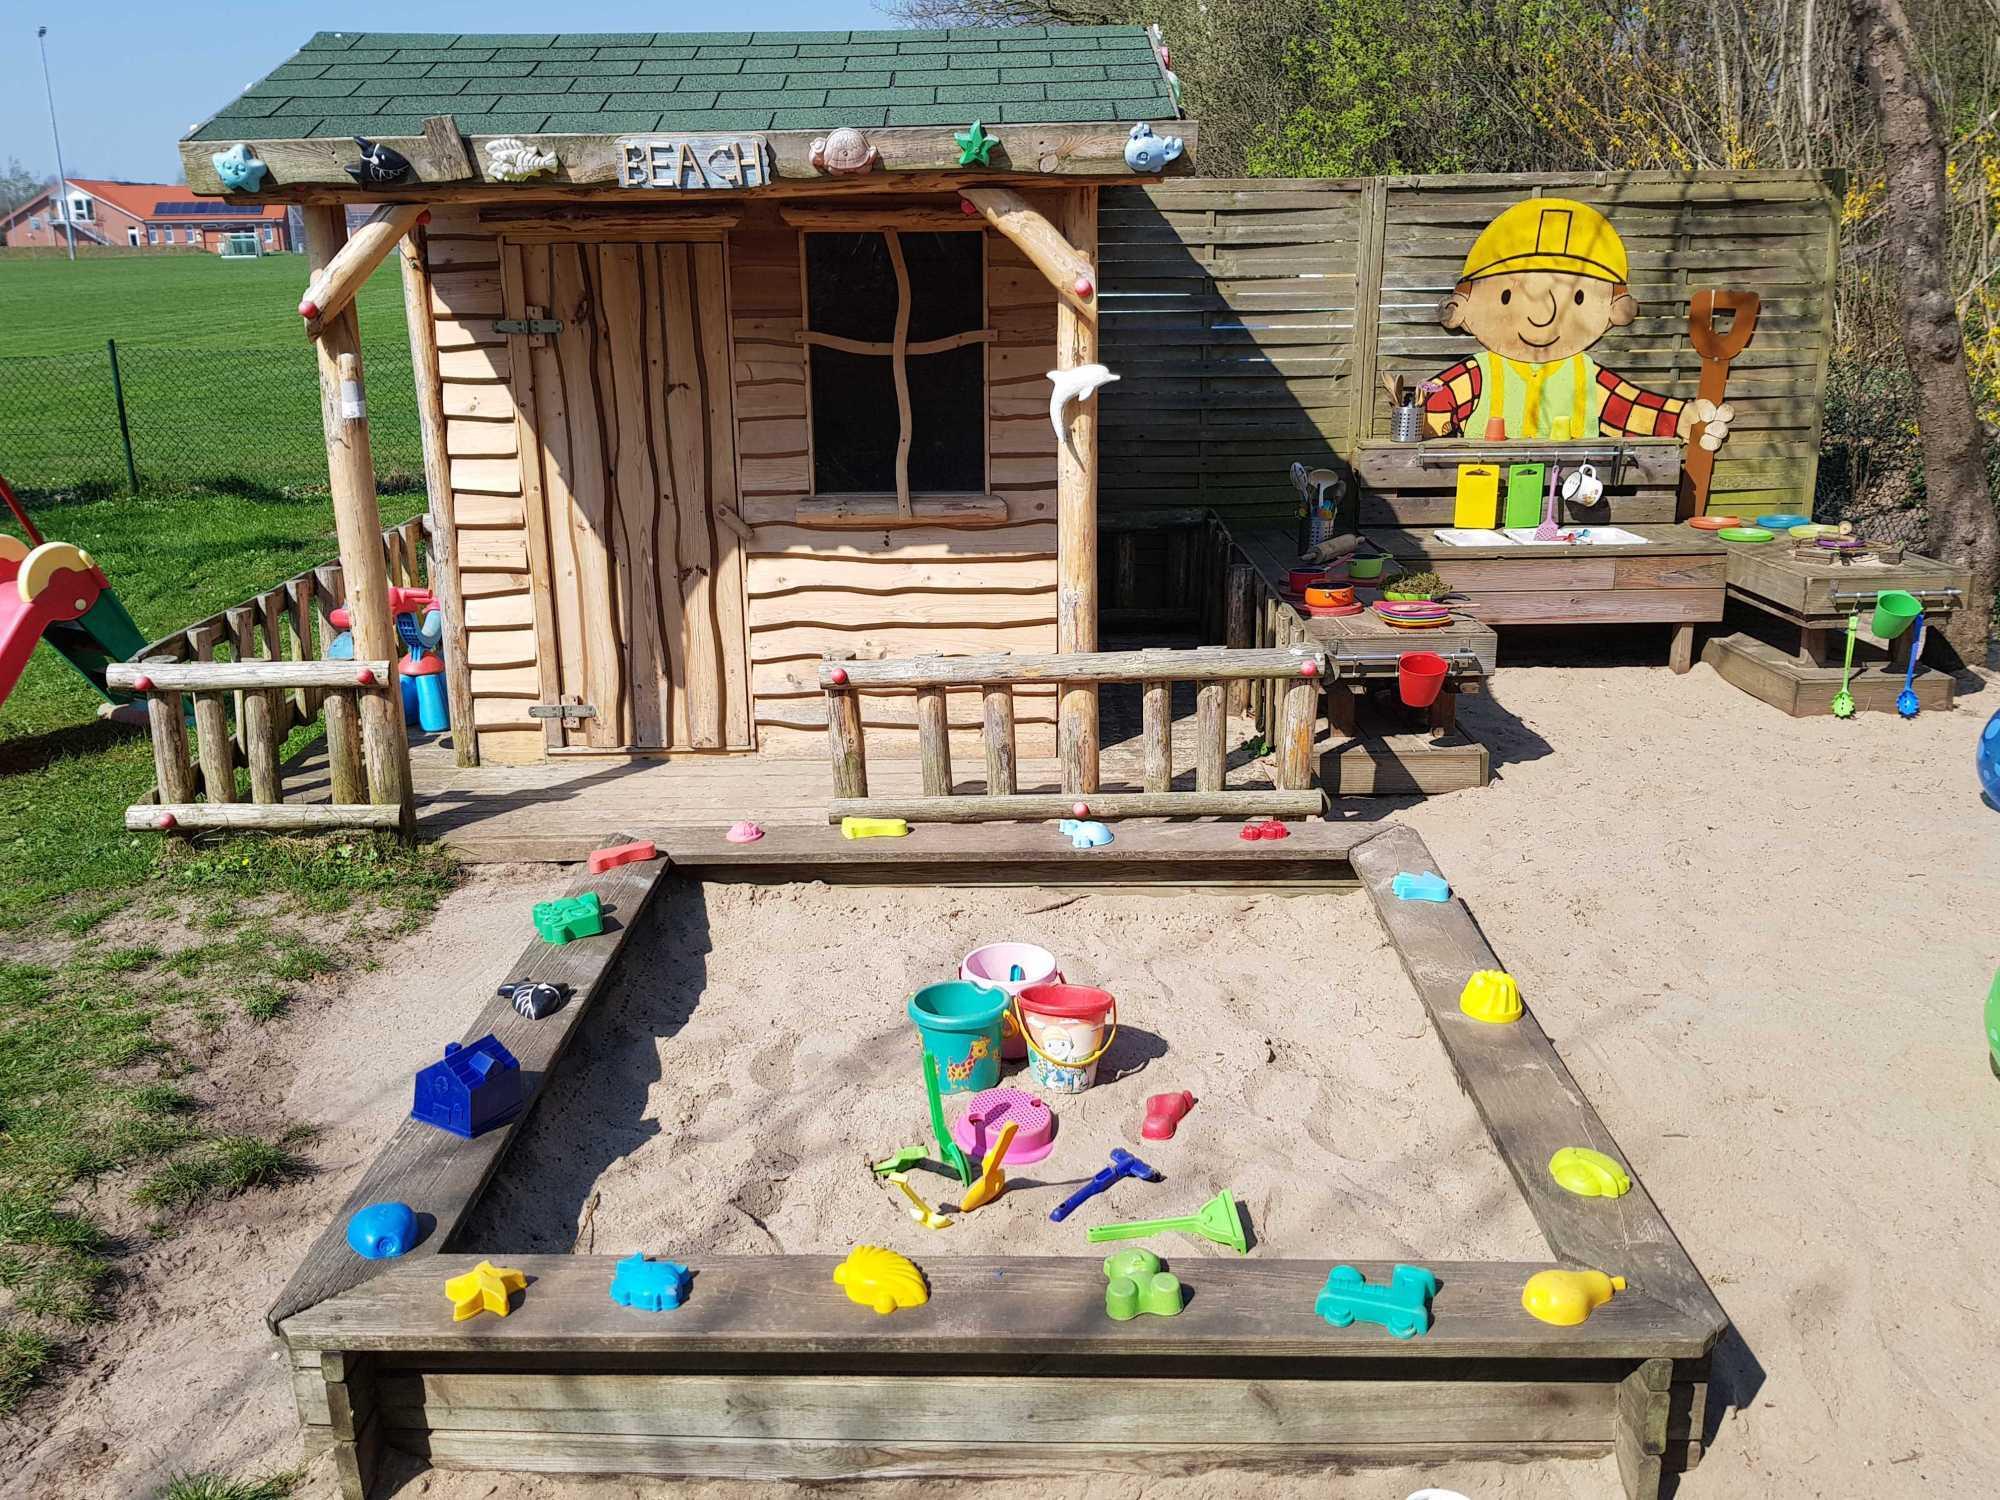 Kita Kid Zone Kinderbetreuung 37 - Obst- und Erlebnisgarten